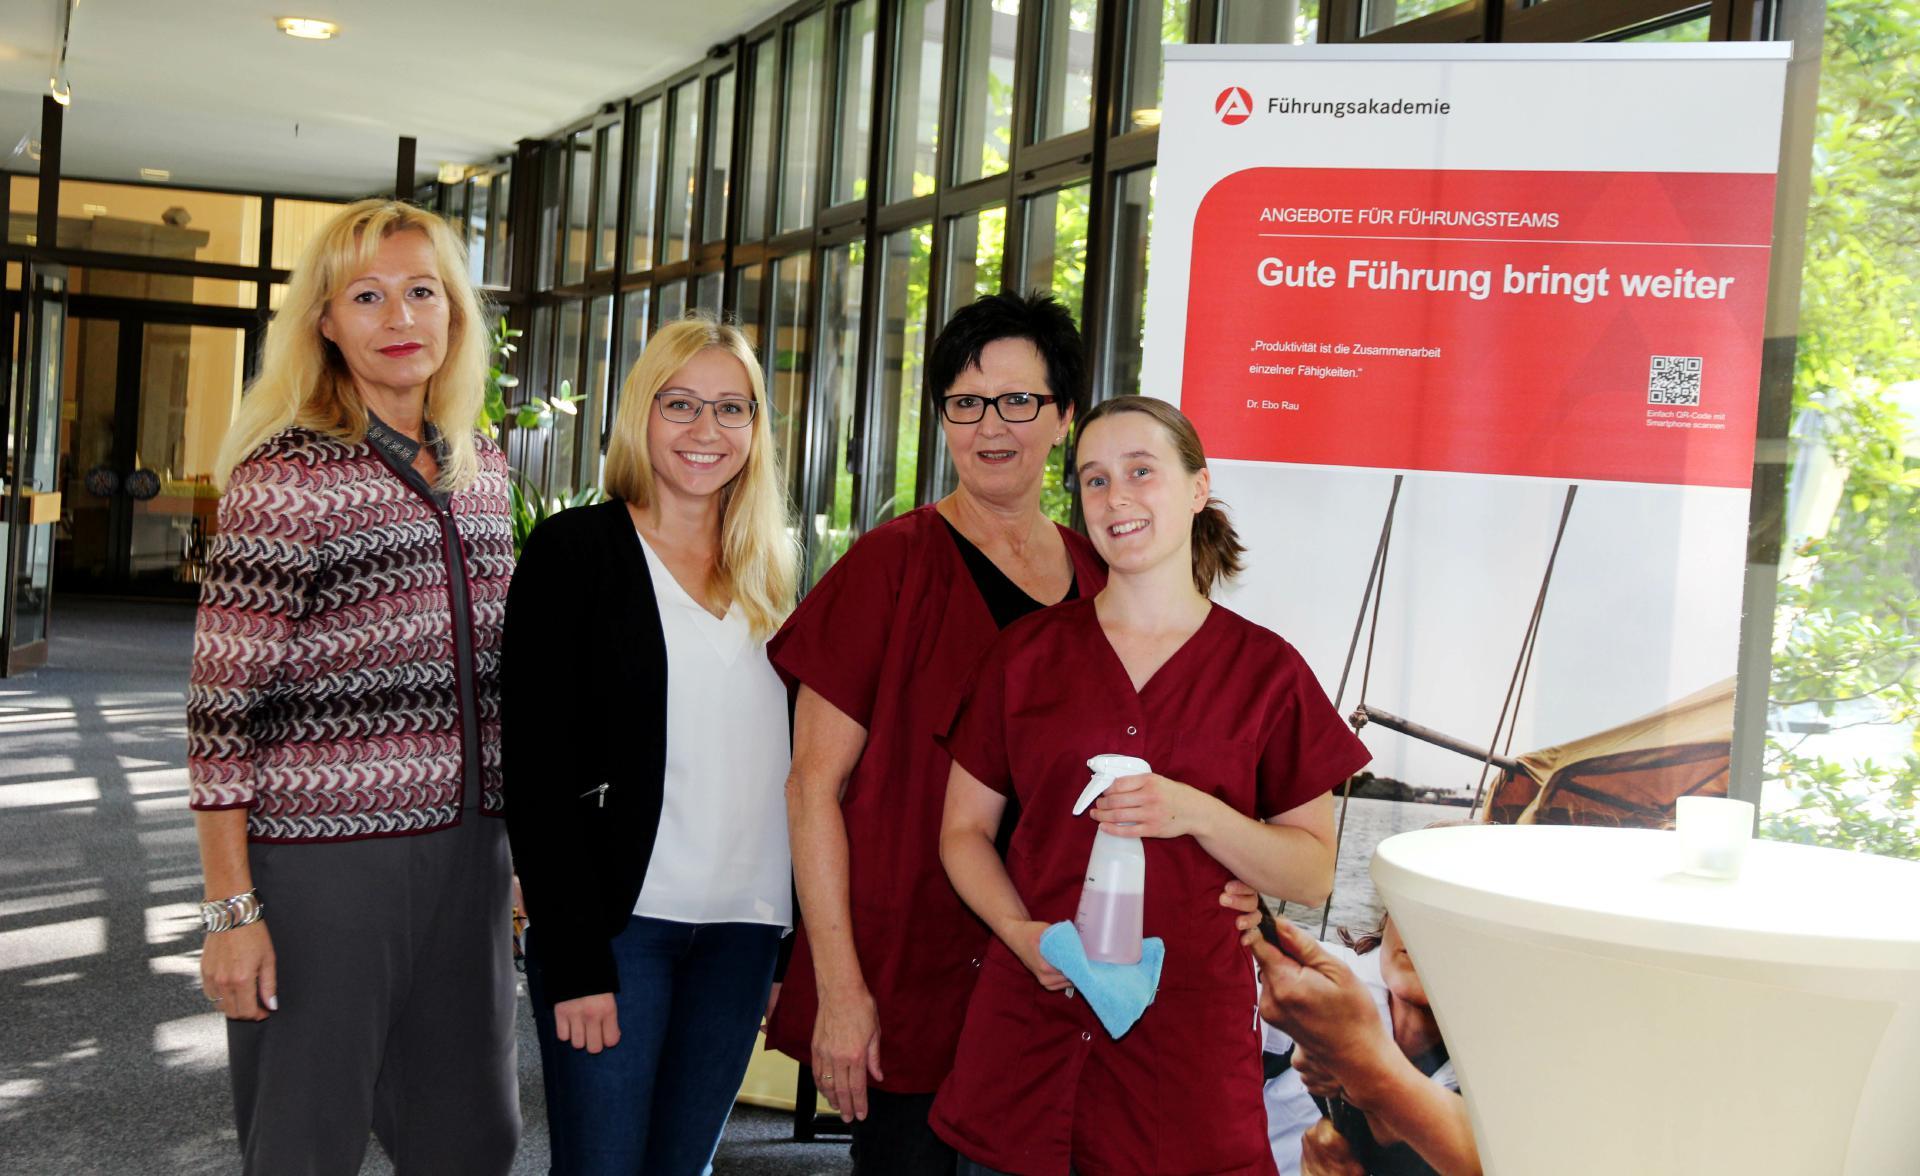 Gelungene berufliche Inklusion durch regelmäßige Begleitung: Integrationsbegleiterin Martina Wulkesch von der Lebenshilfe kommt einmal die Woche zum gemeinsamen Dialog in den Betrieb.